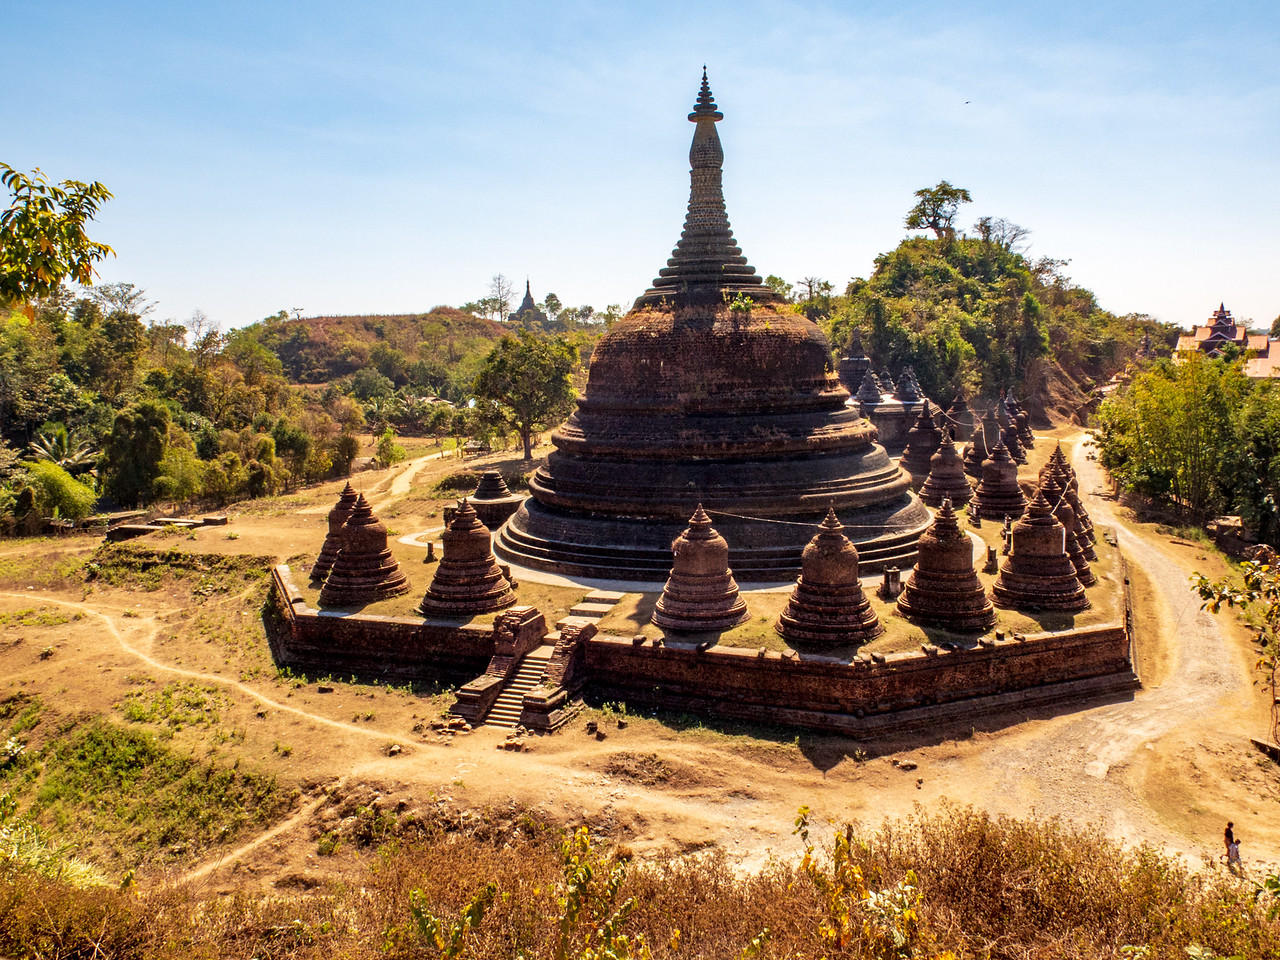 Mrauk U Pagoda